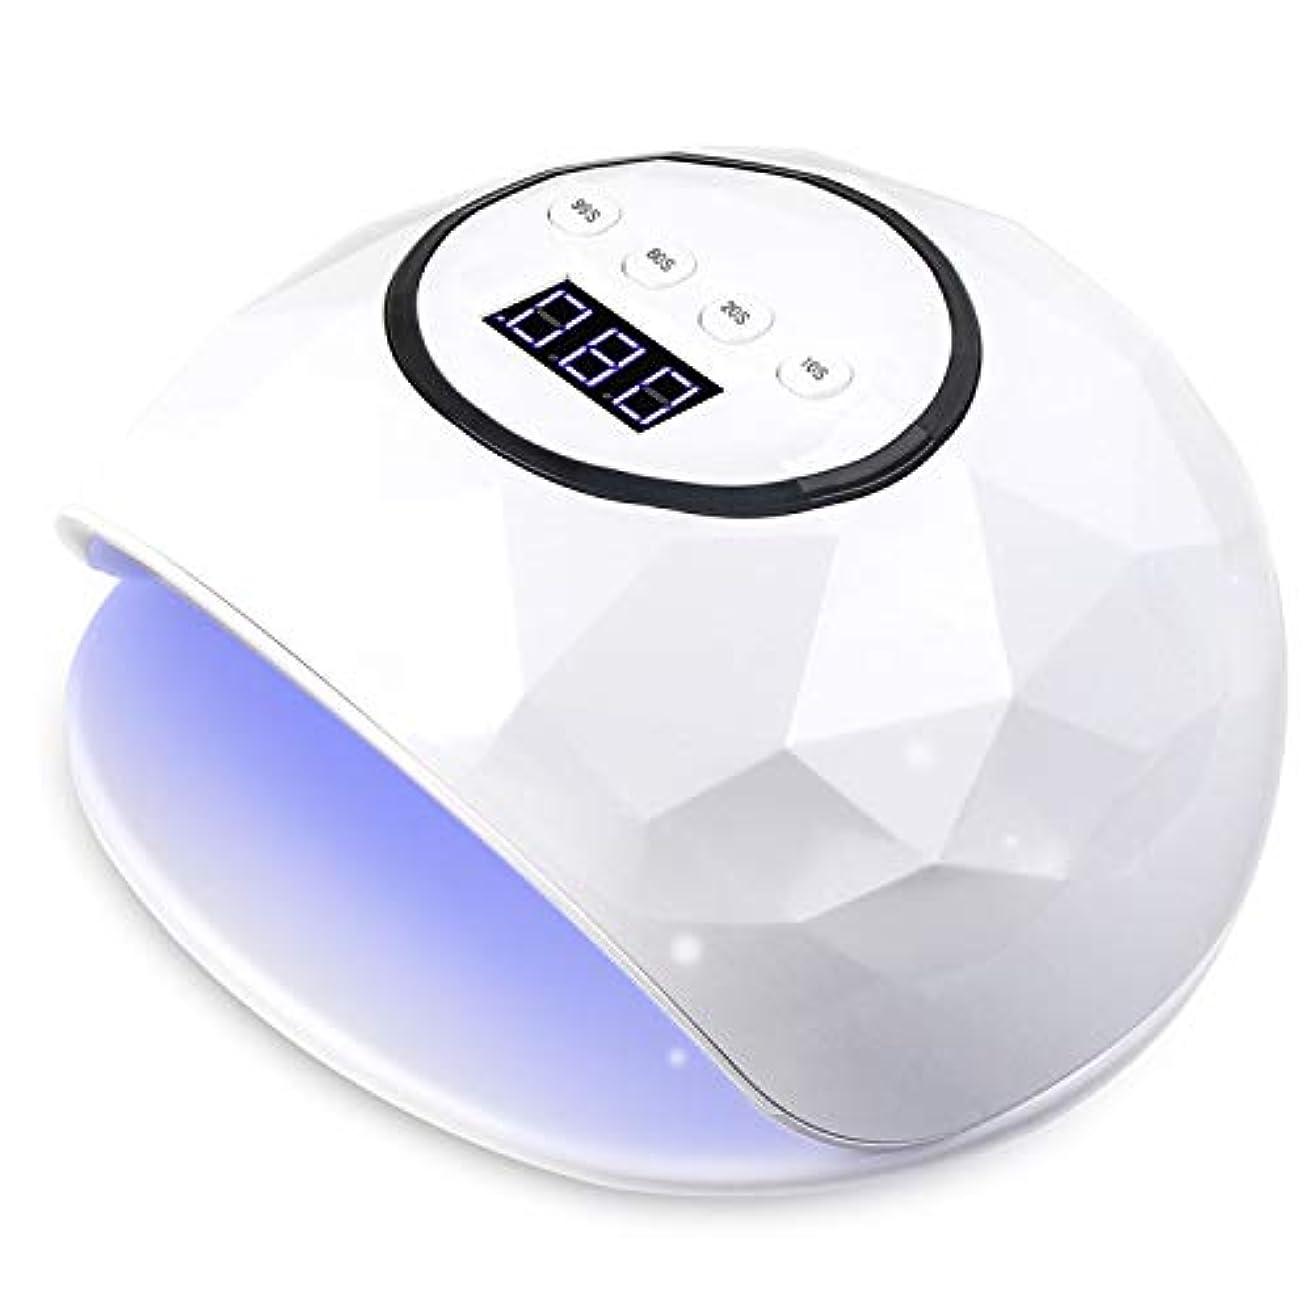 値時間とともにつまらないT-SUN ネイルドライヤー ジェルネイル ライト UV LED72W ハイパワー 赤外線検知 UV &LEDダブルライト ジェルネイル用 四つタイマー設定可能 硬化用 マニキュア用ライト ランプ 日本語説明書付き (72W)